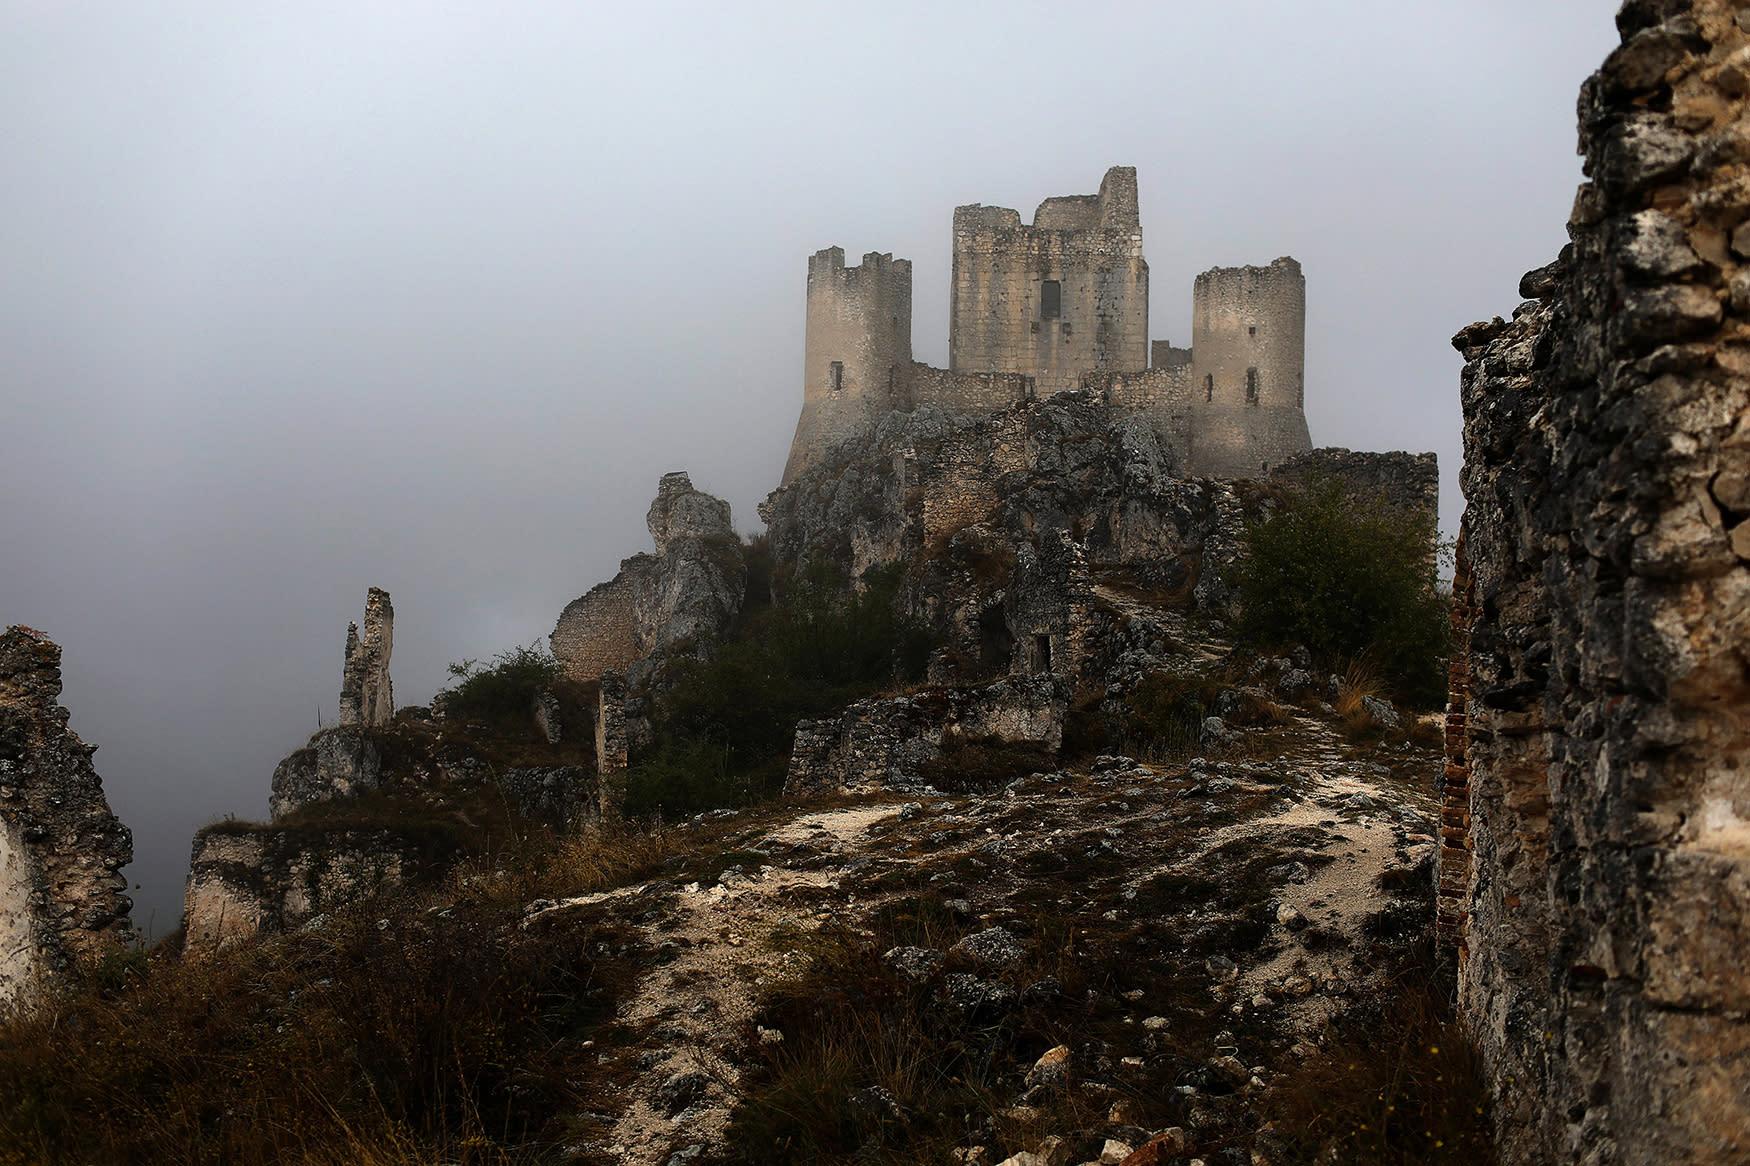 <p>The ruins of a castle stand above the town of Rocca Calascio, close to Santo Stefano di Sessanio in the province of L'Aquila in Abruzzo, inside the national park of the Gran Sasso e Monti della Laga, Italy, September 7, 2016. (Photo: Siegfried Modola/Reuters) </p>